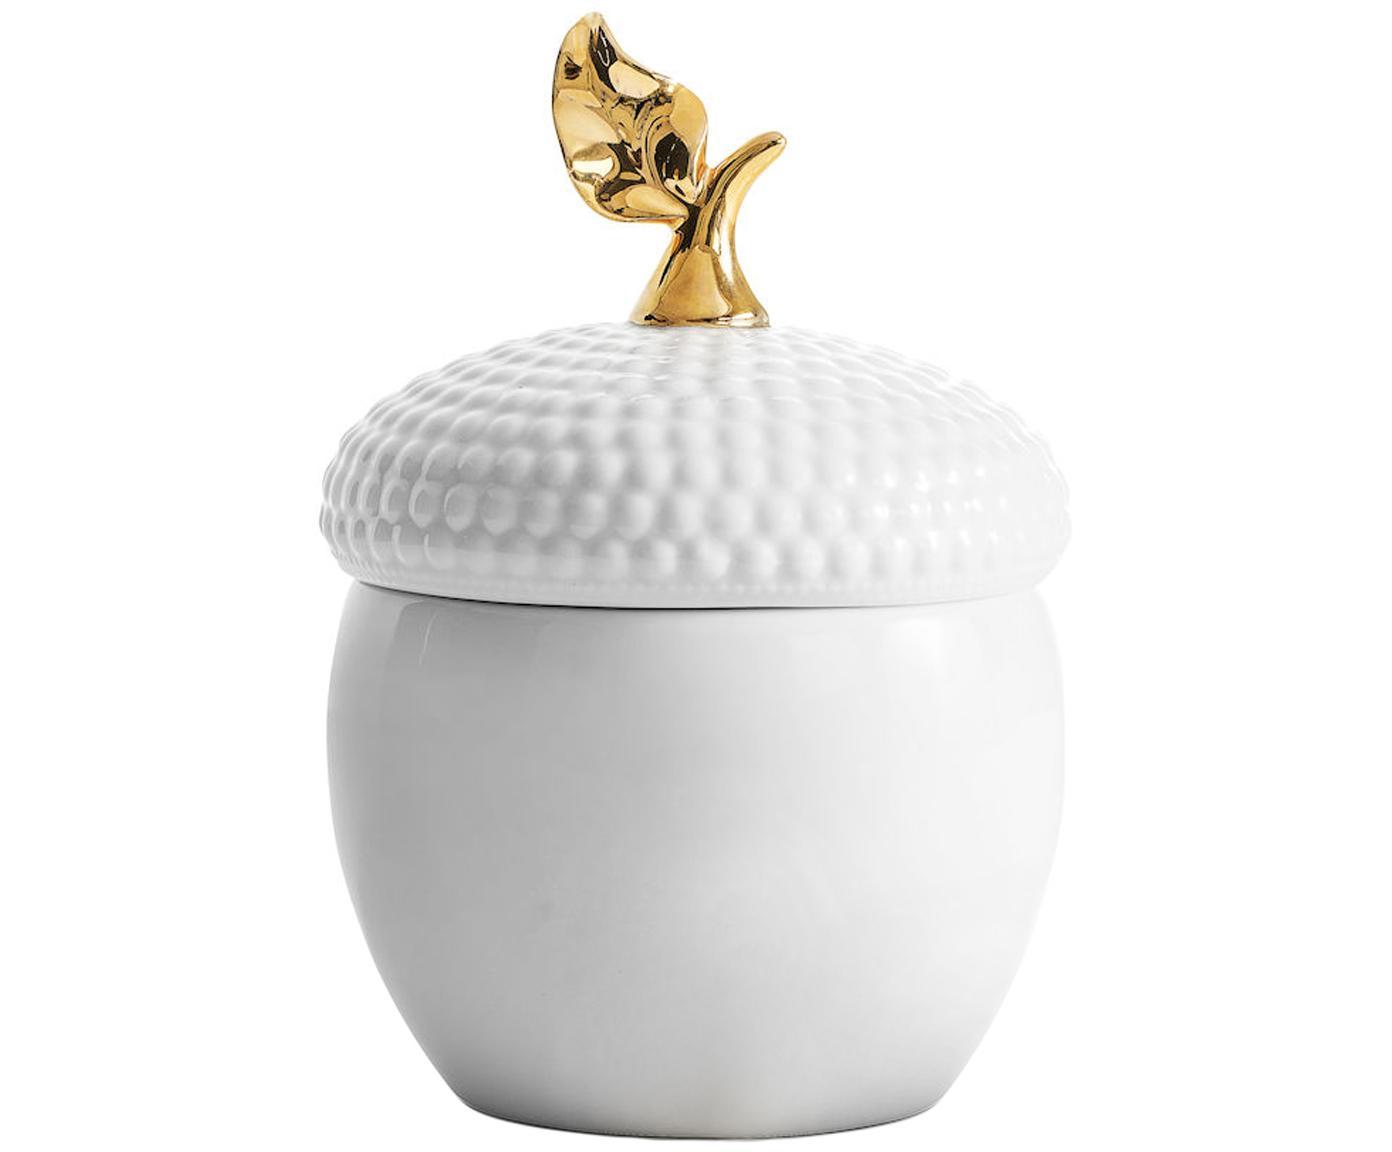 Opbergpot eikel, Keramiek, Wit, goudkleurig, Ø 14 x H 20 cm